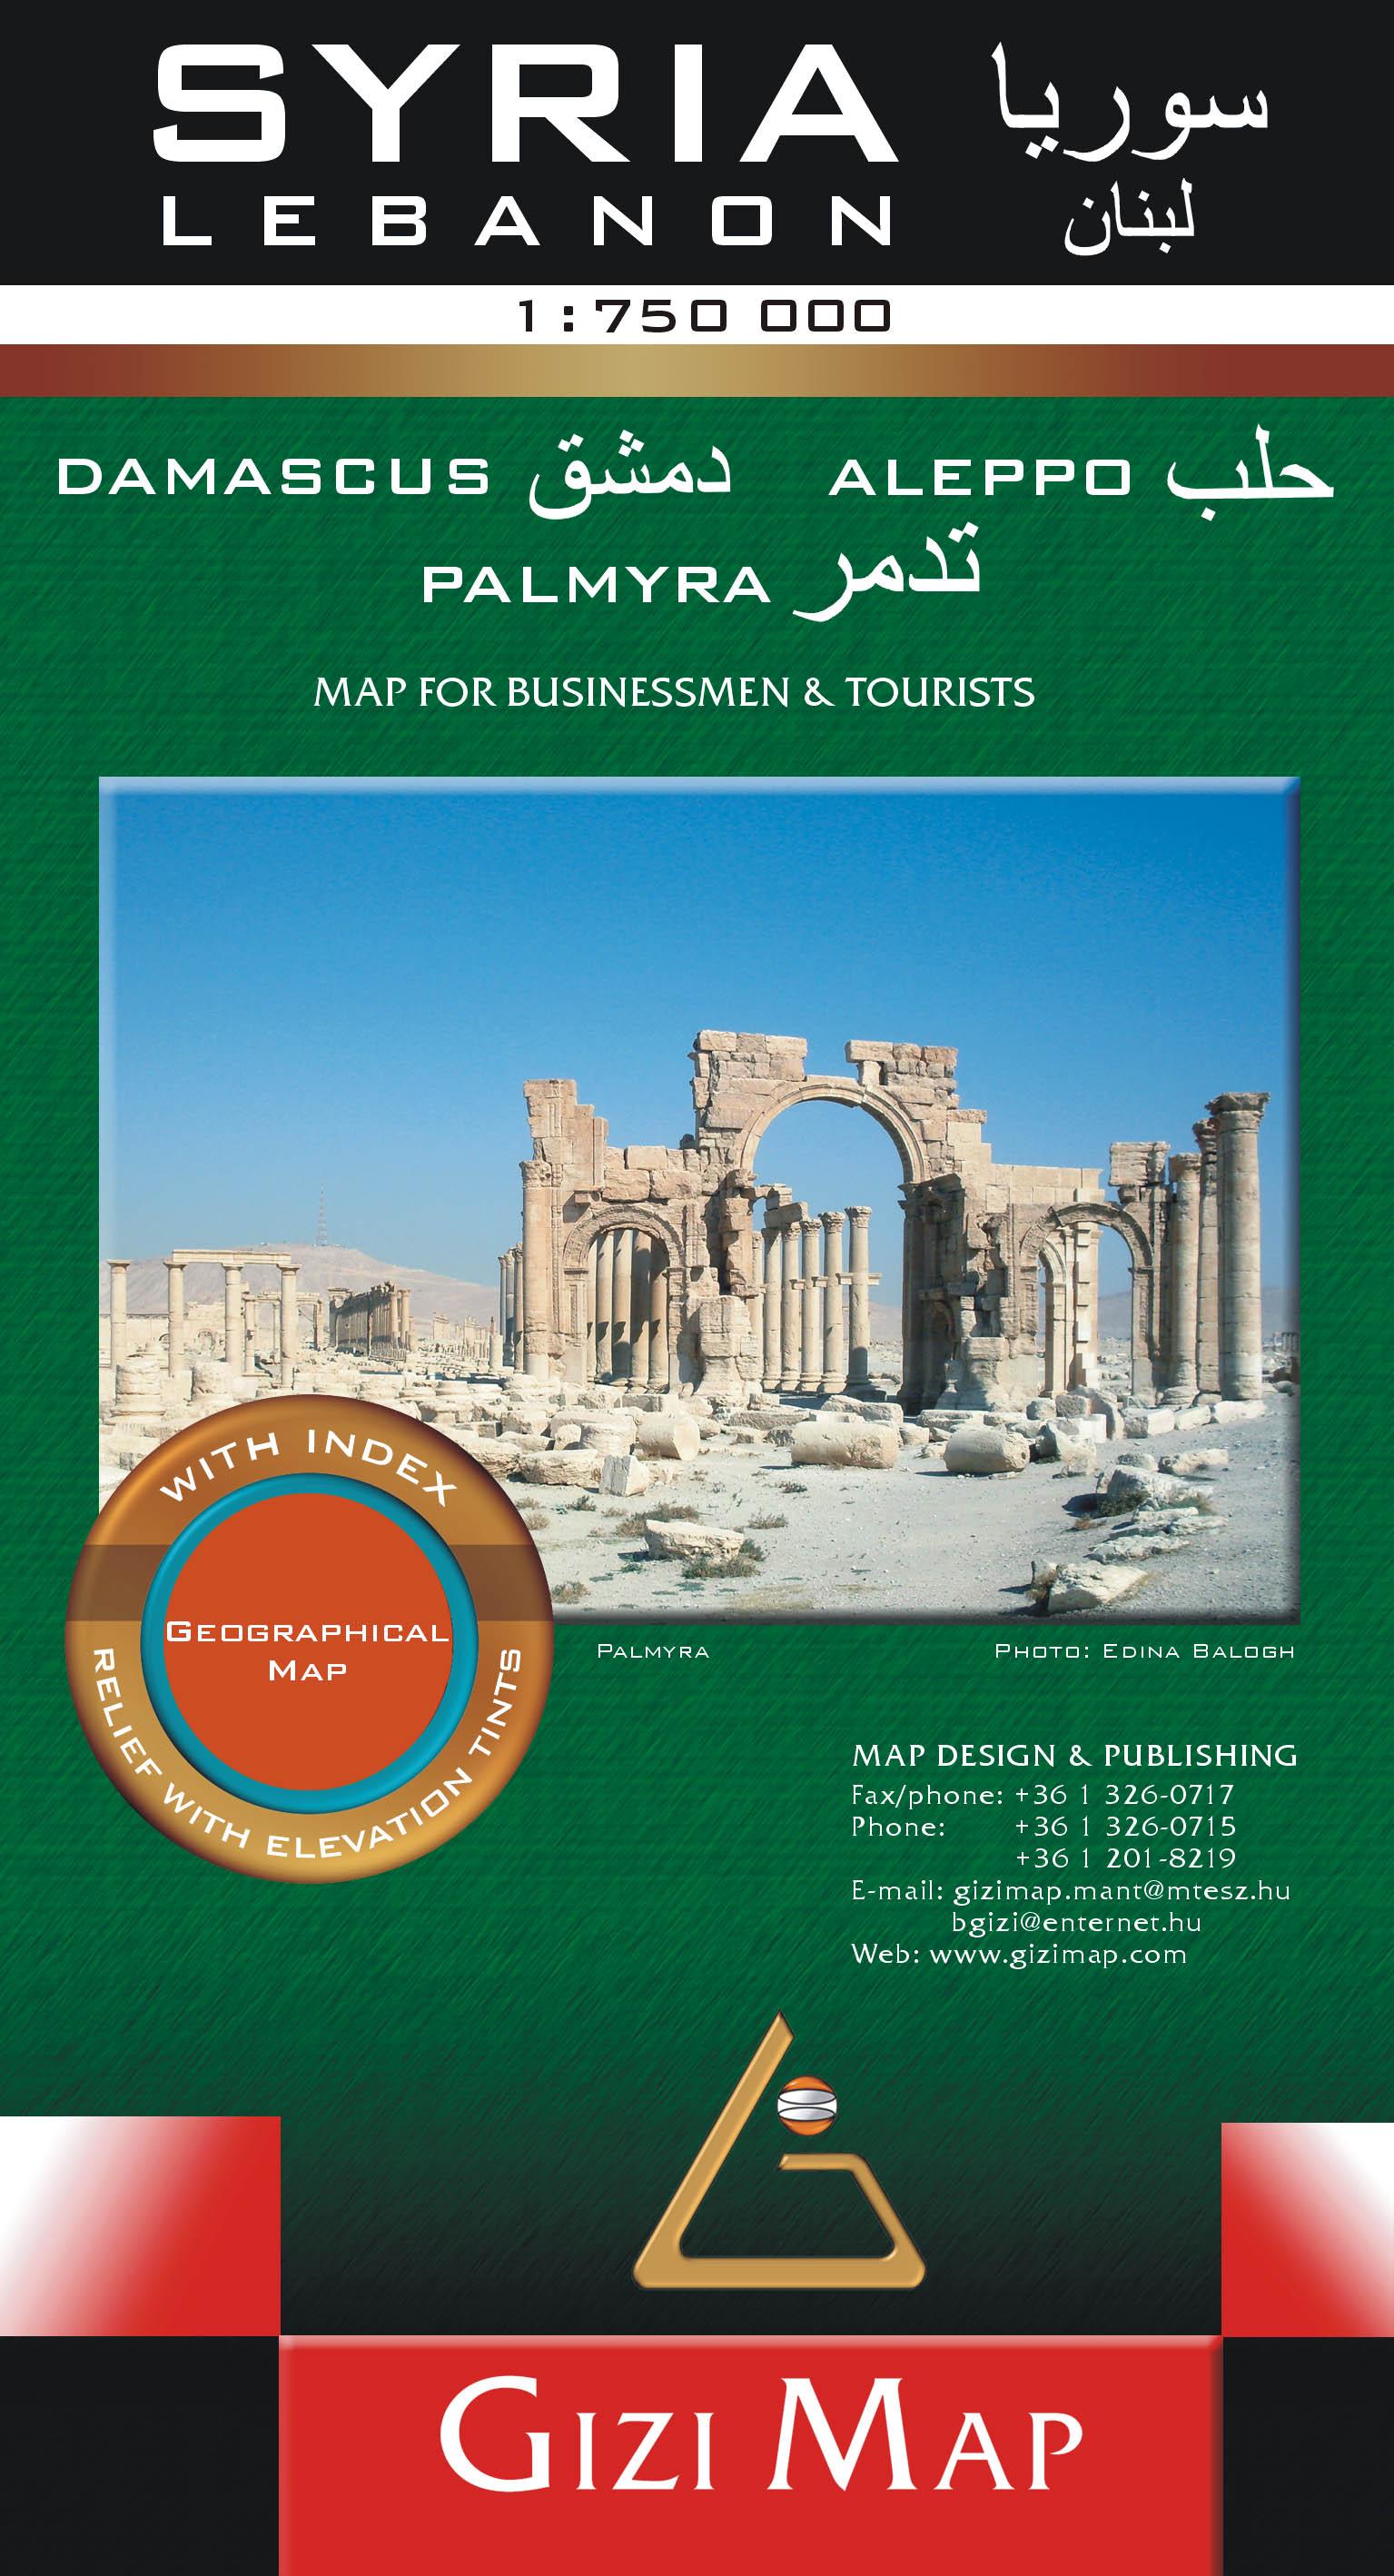 Szíria-Libanon általános földrajzi térkép autós és turista információkkal, Damaszkusz, Aleppo és Palmira melléktérképekkel